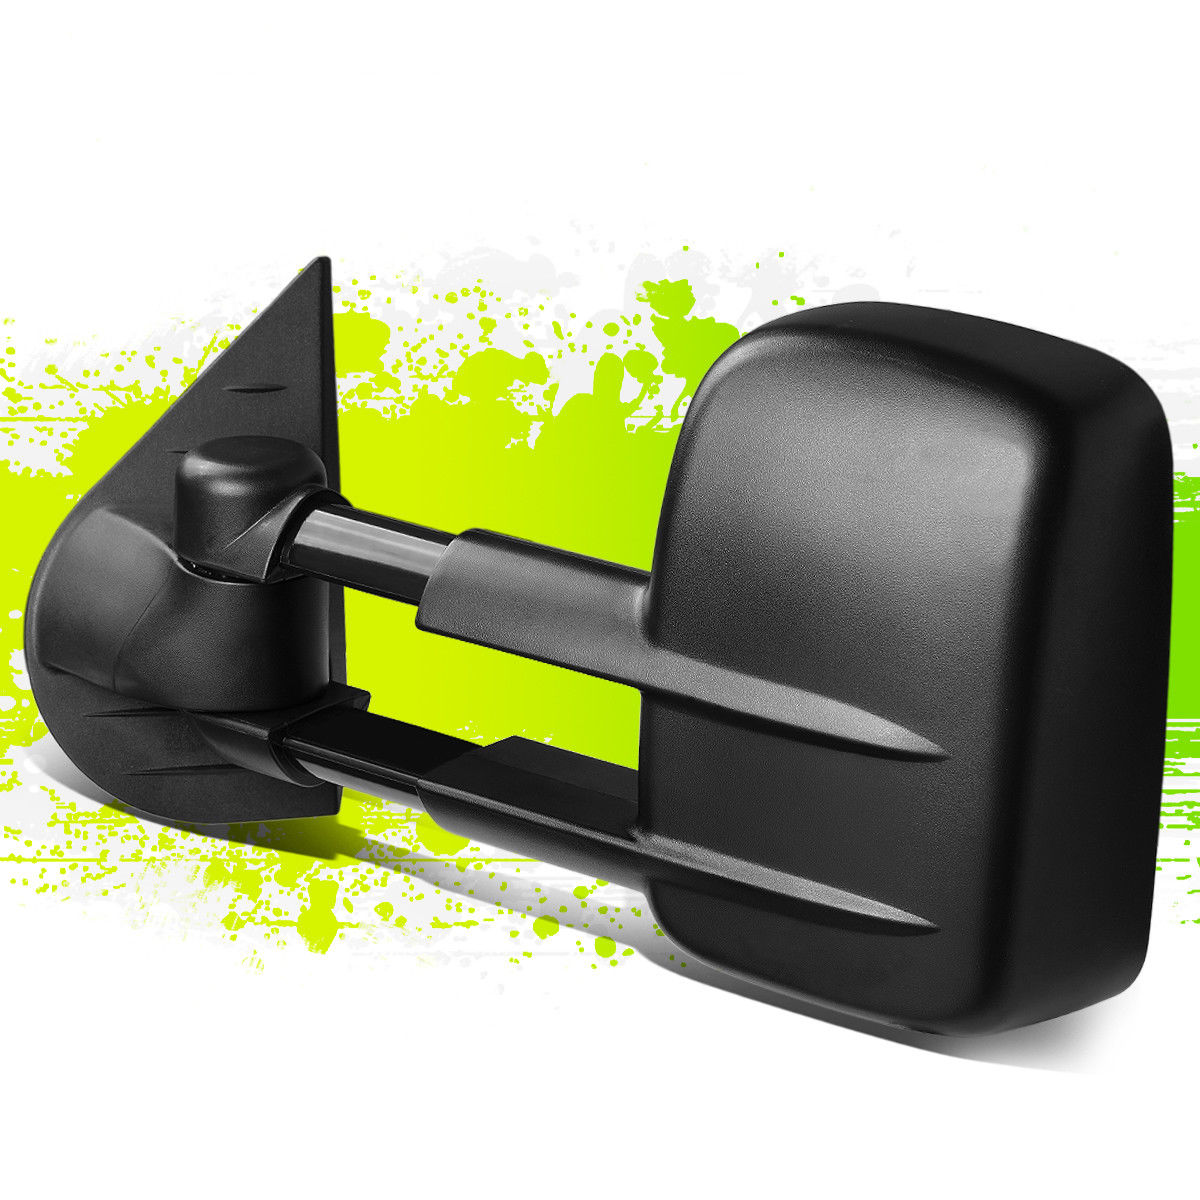 ミラー DRIVER SIDE MANUAL ADJUSTMENT TOW TOWING MIRROR FOR 07-13 GMC YUKON/CHEVY TAHOE 運転手側マニュアル調整ベッドターンインミラーリング07-13 GMC YUKON / CHEVY TAHOE